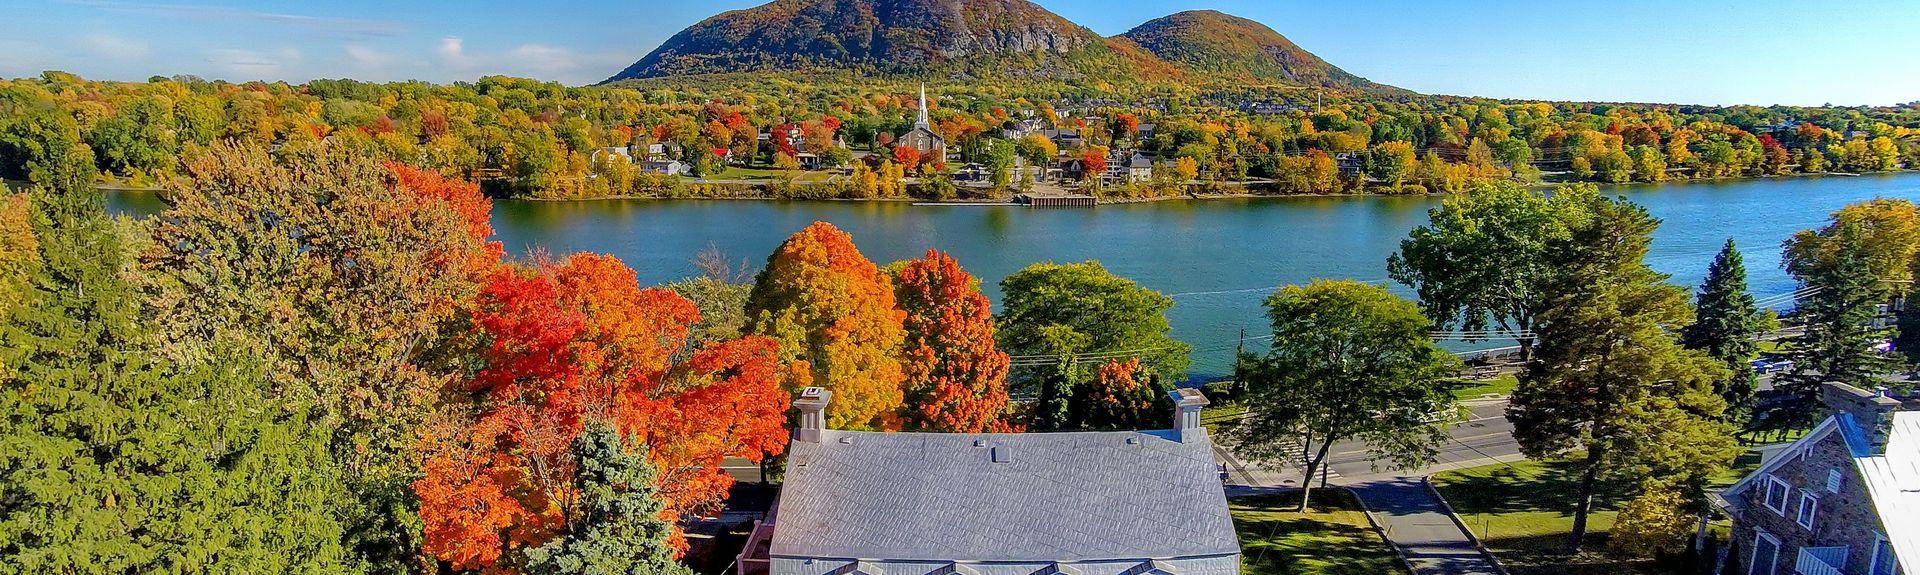 Parc Michel Chartrand, Longueuil, Québec, Canada